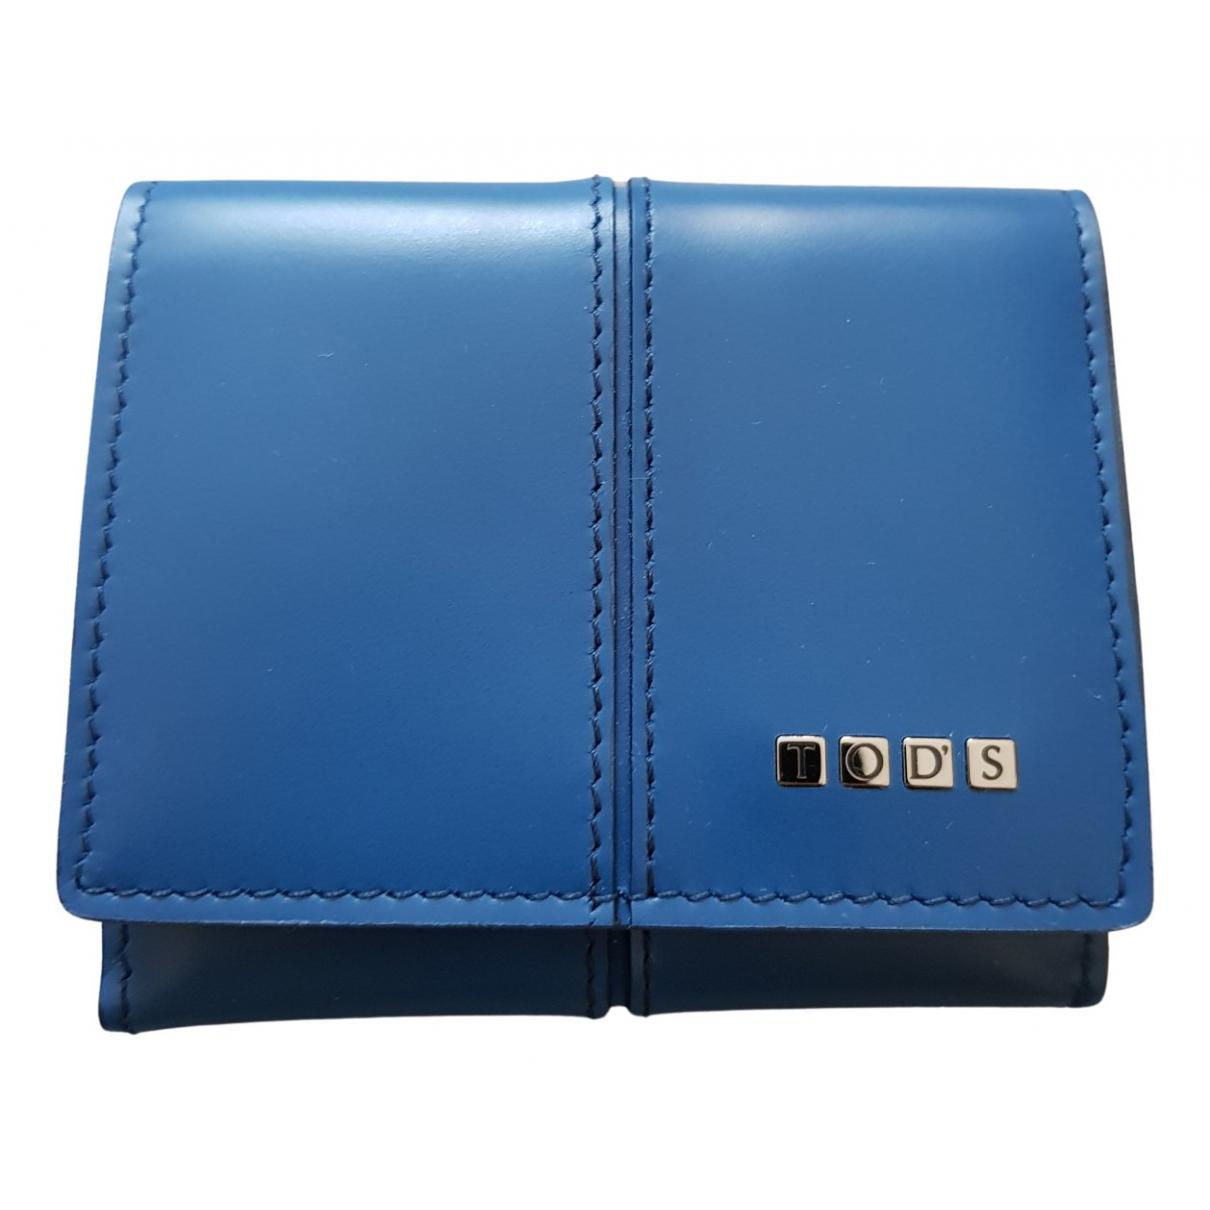 Tods - Petite maroquinerie   pour homme en cuir - bleu